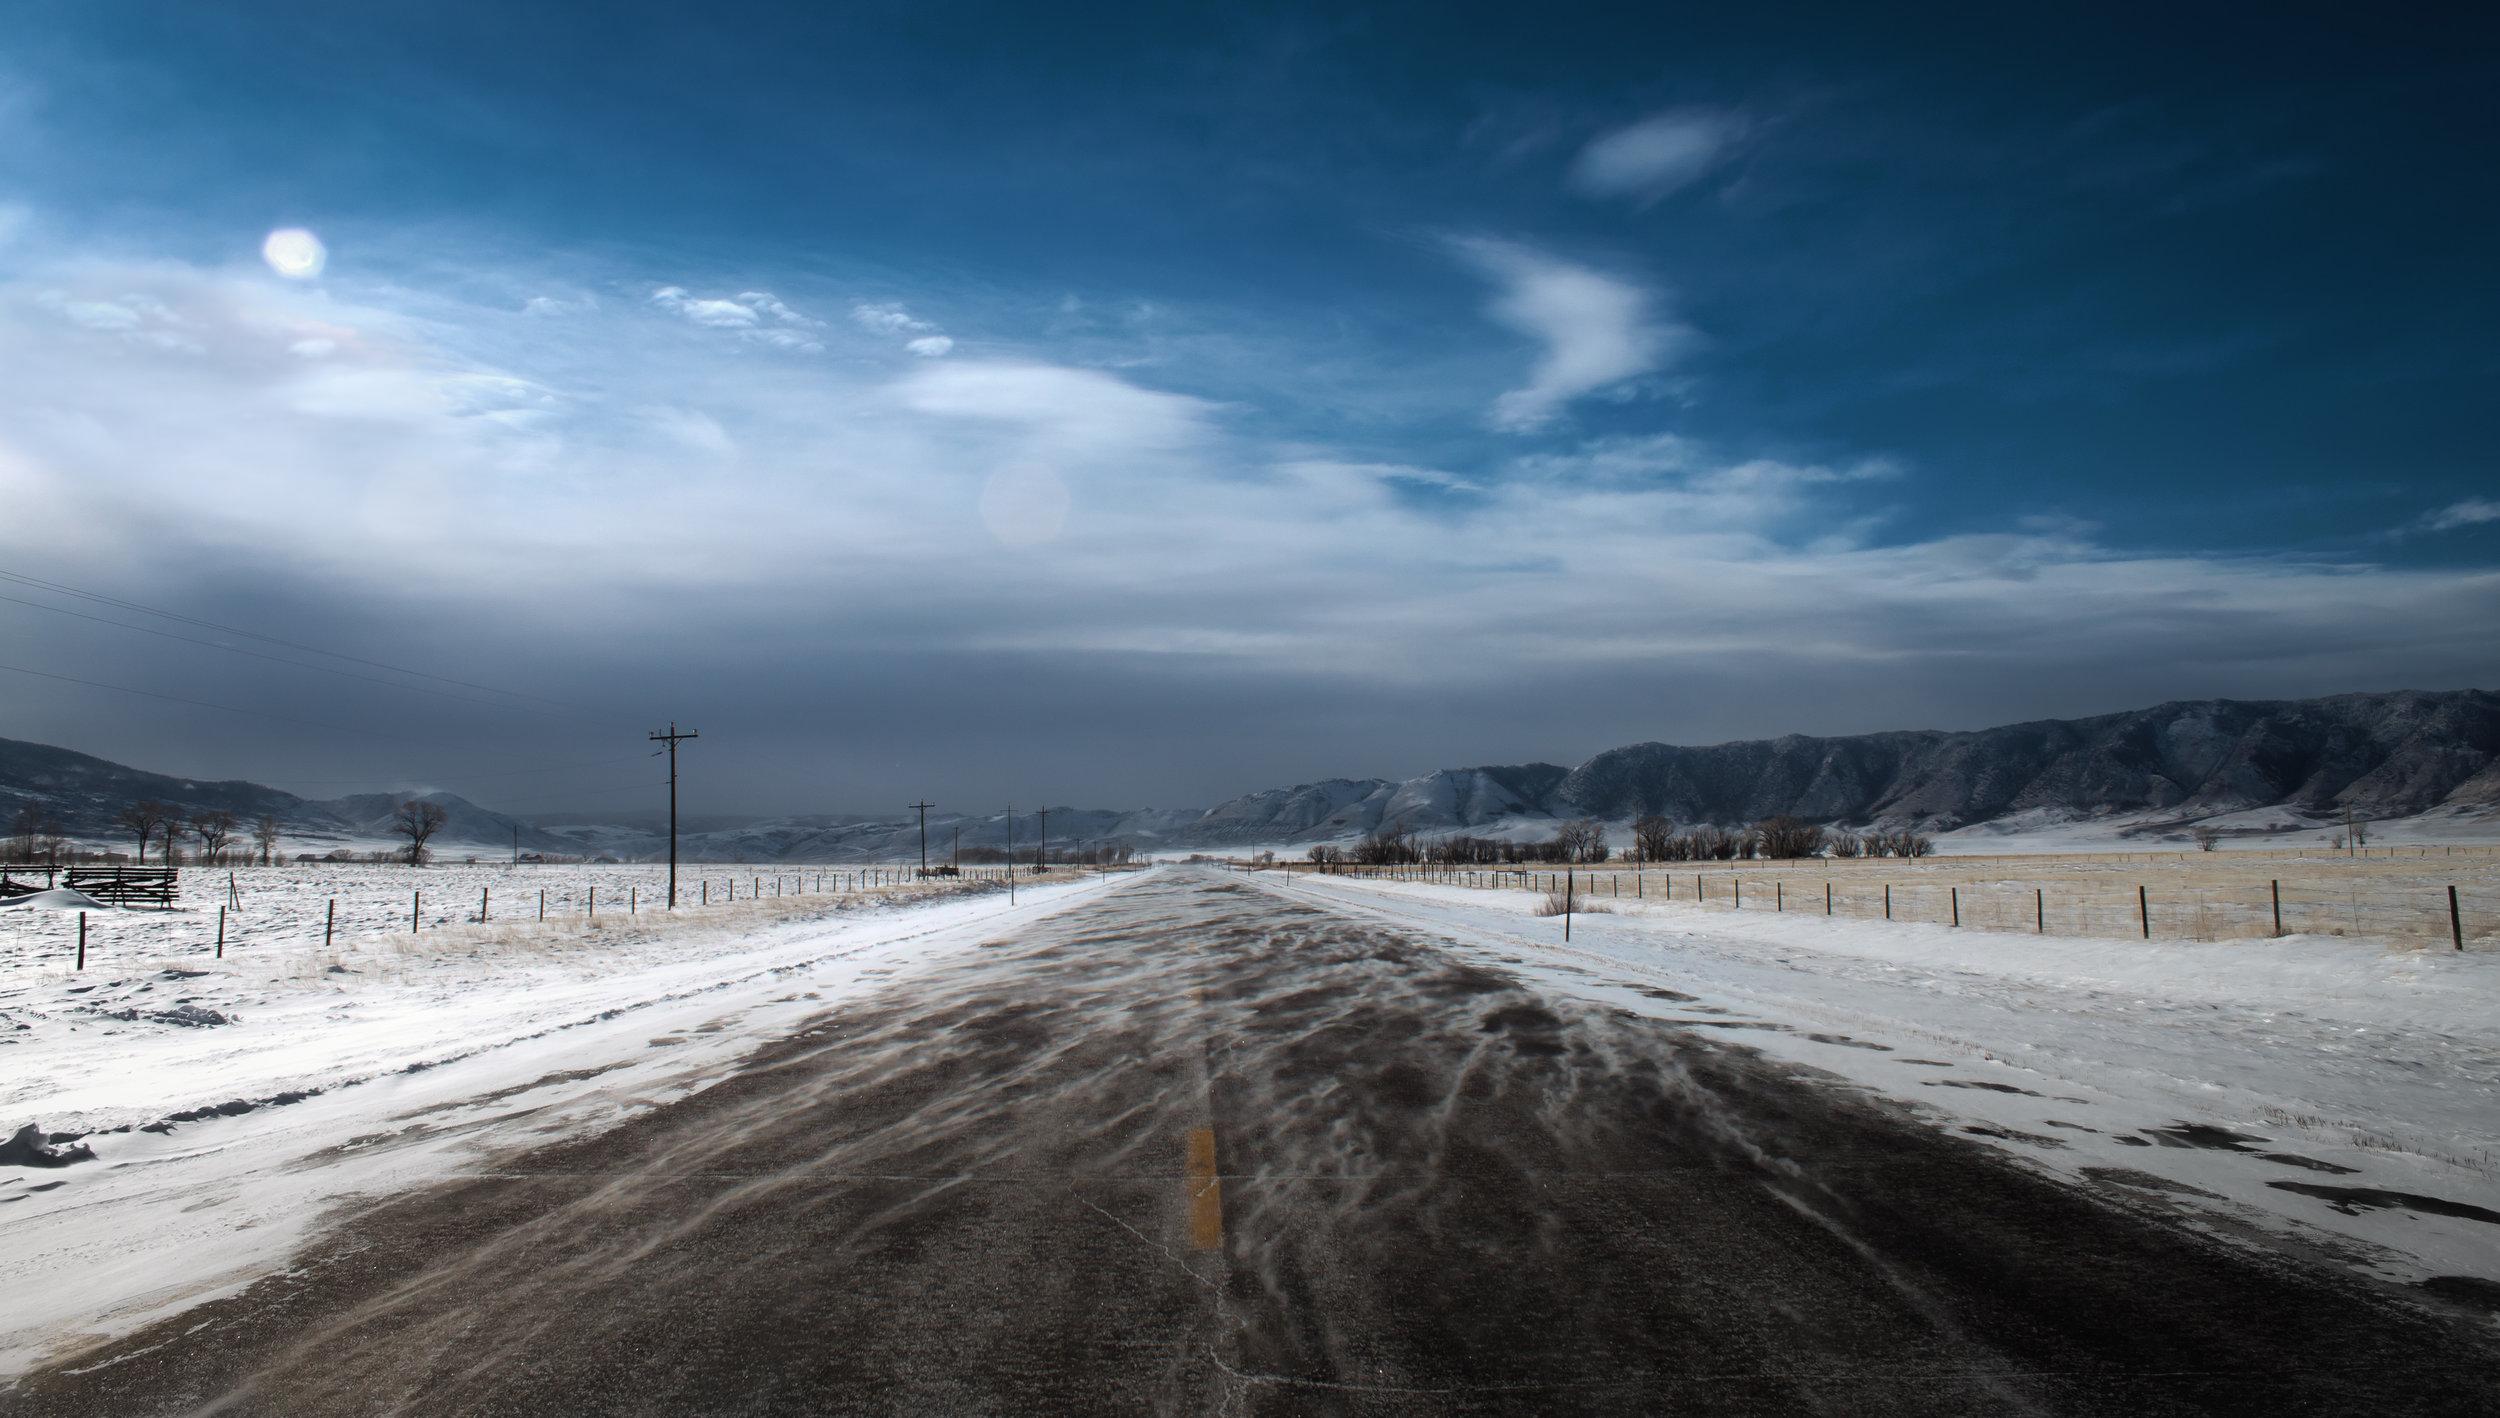 HDR_Colorado Winter_Snow Over Road 2_092111.jpg